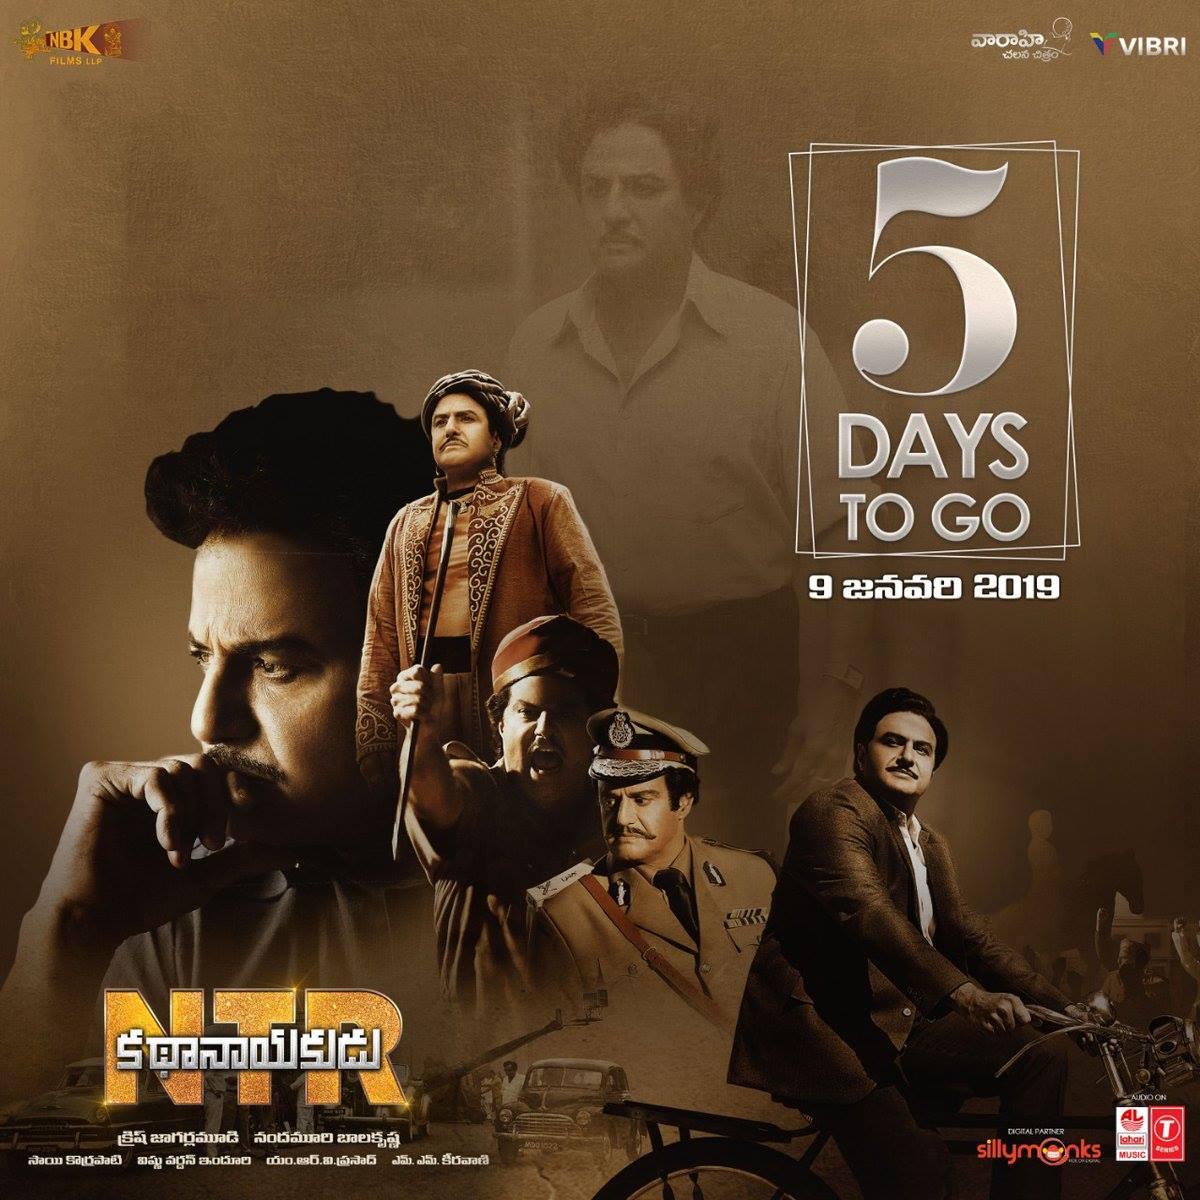 Nandamuri Balakrishna NTR KathaNayakudu 5 days to go Poster